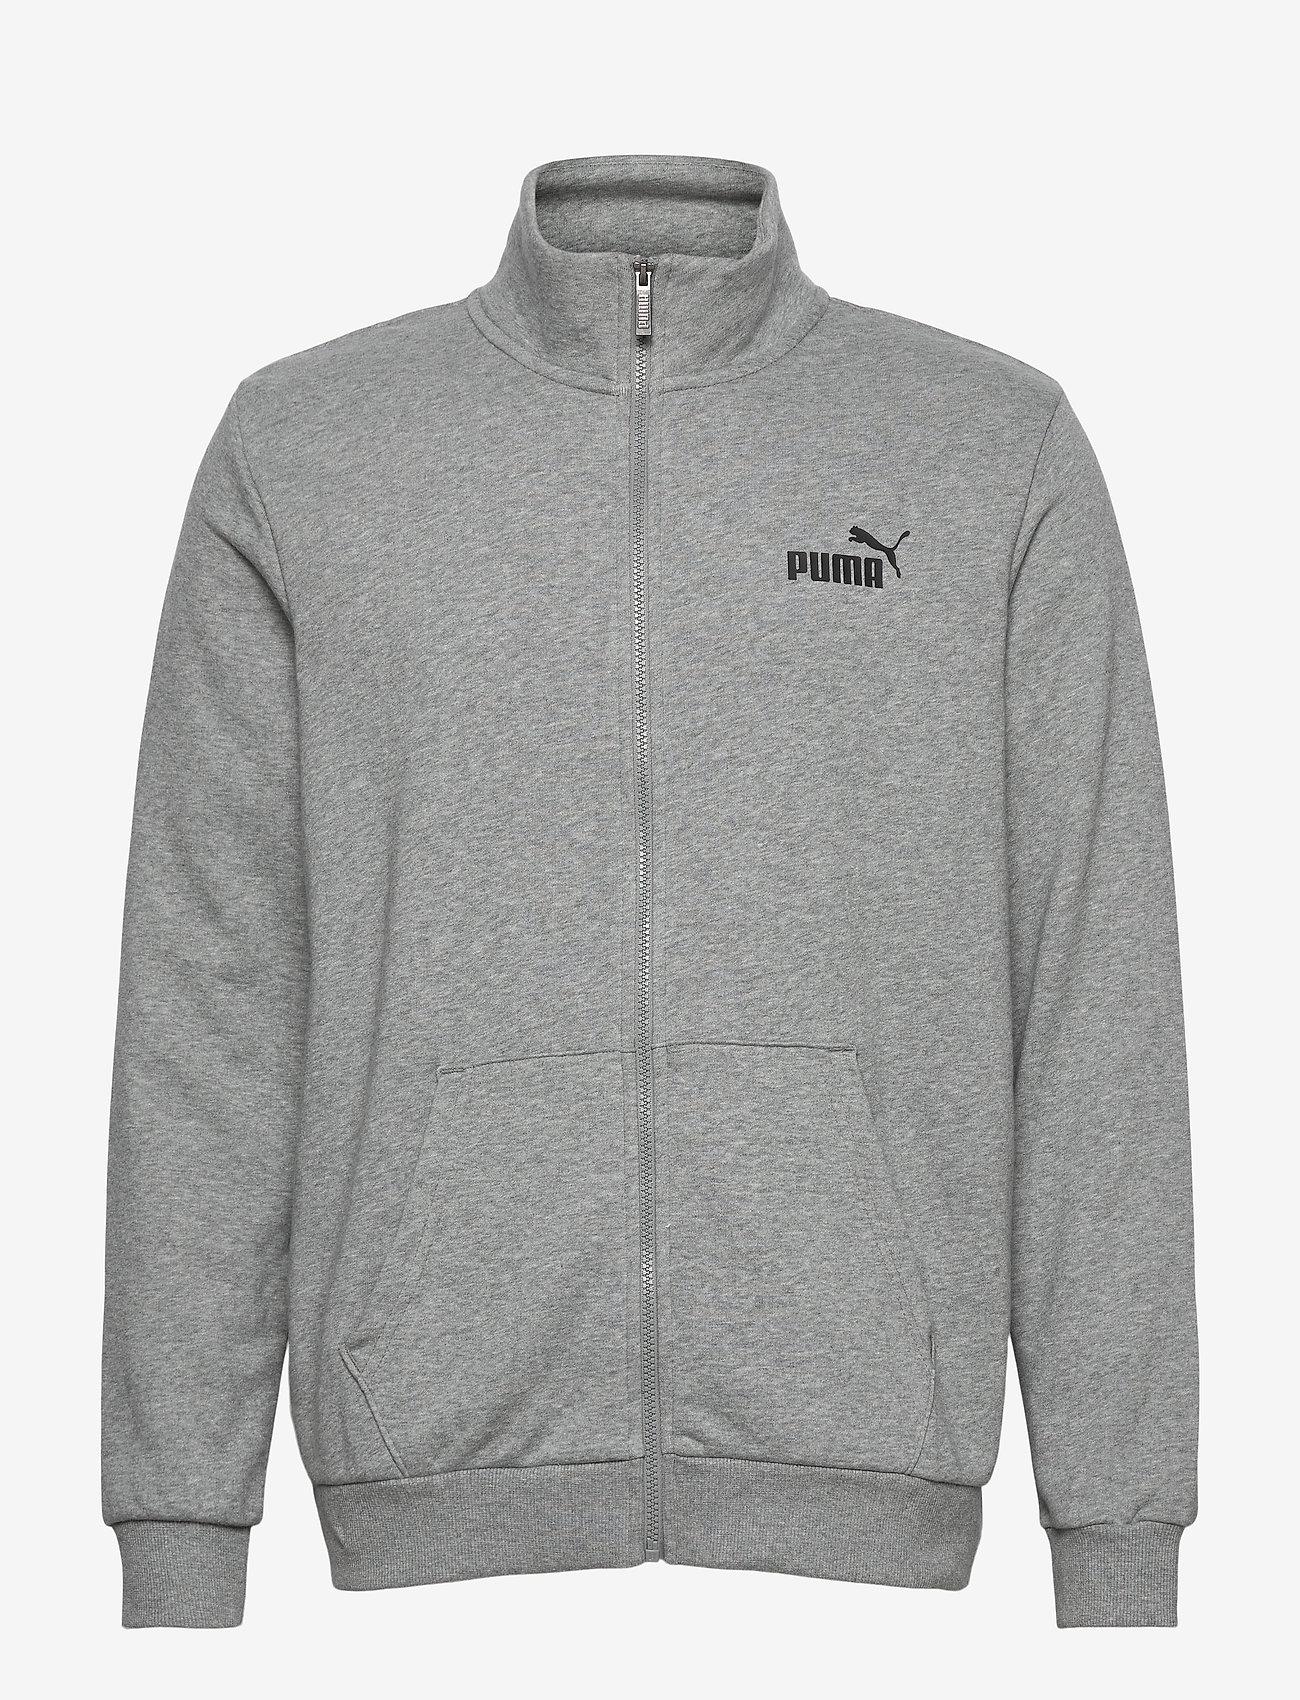 PUMA - ESS Track Jacket TR - Överdelar - medium gray heather - 1